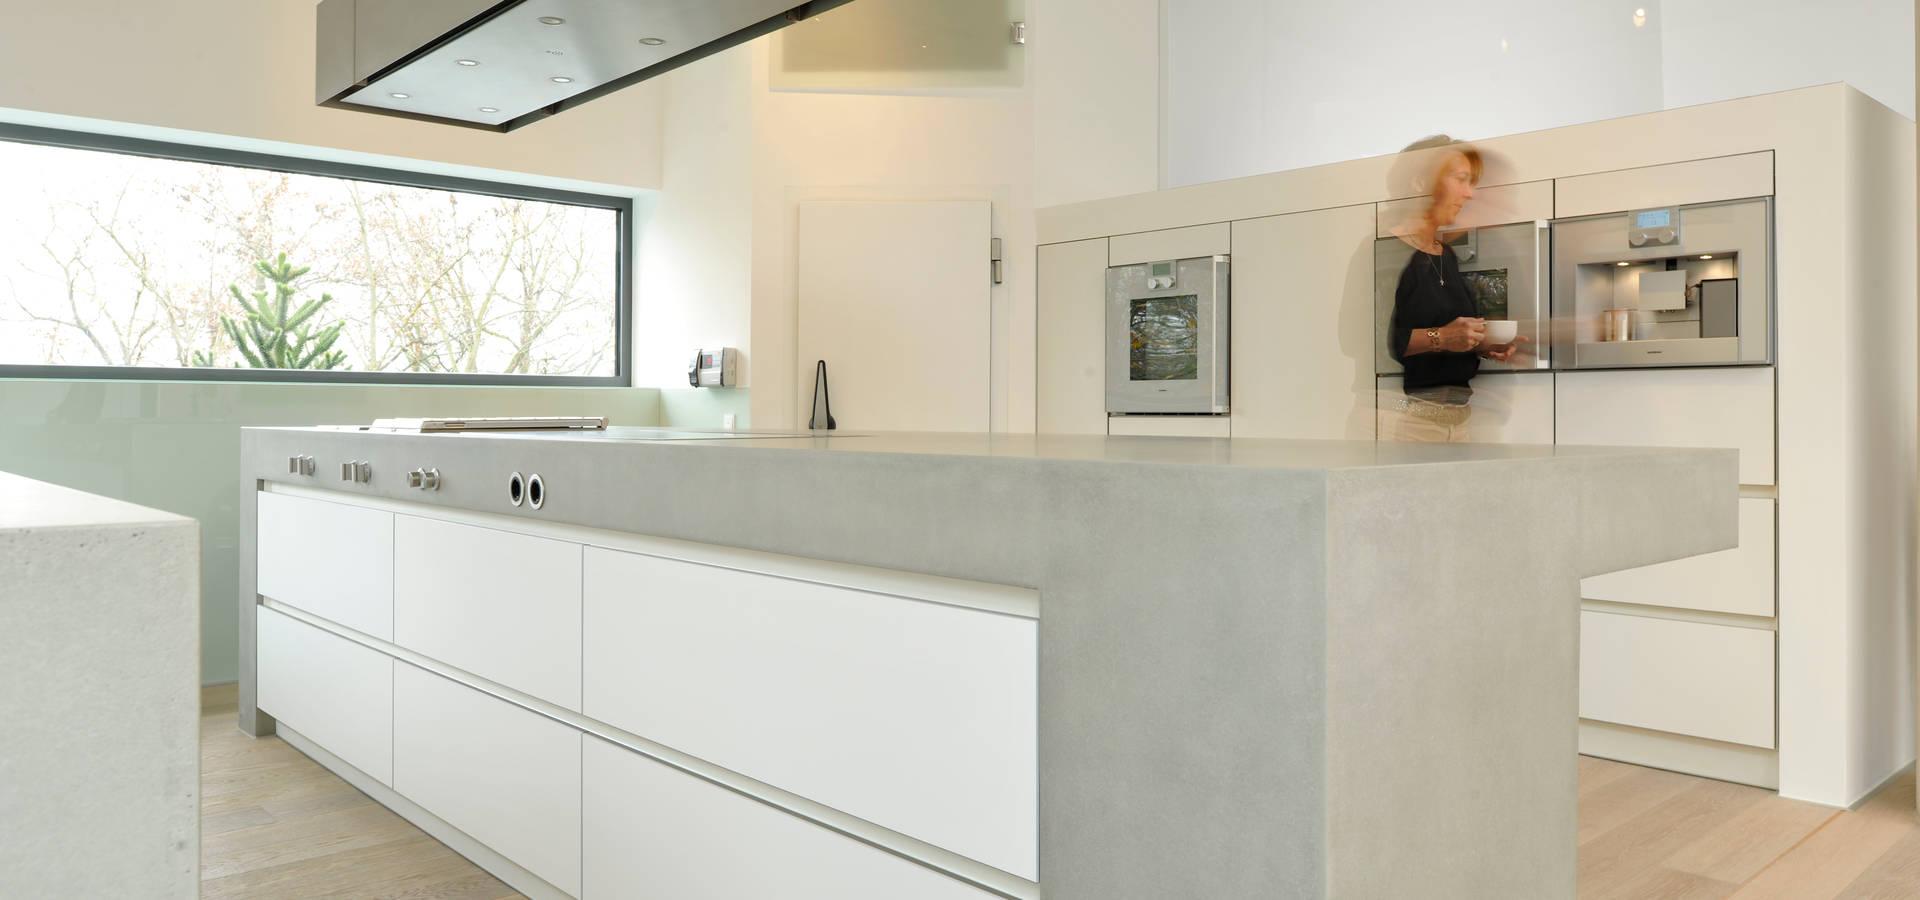 Gemütlich Maßgeschneiderte Küche Bad Design Firma Fotos - Ideen Für ...